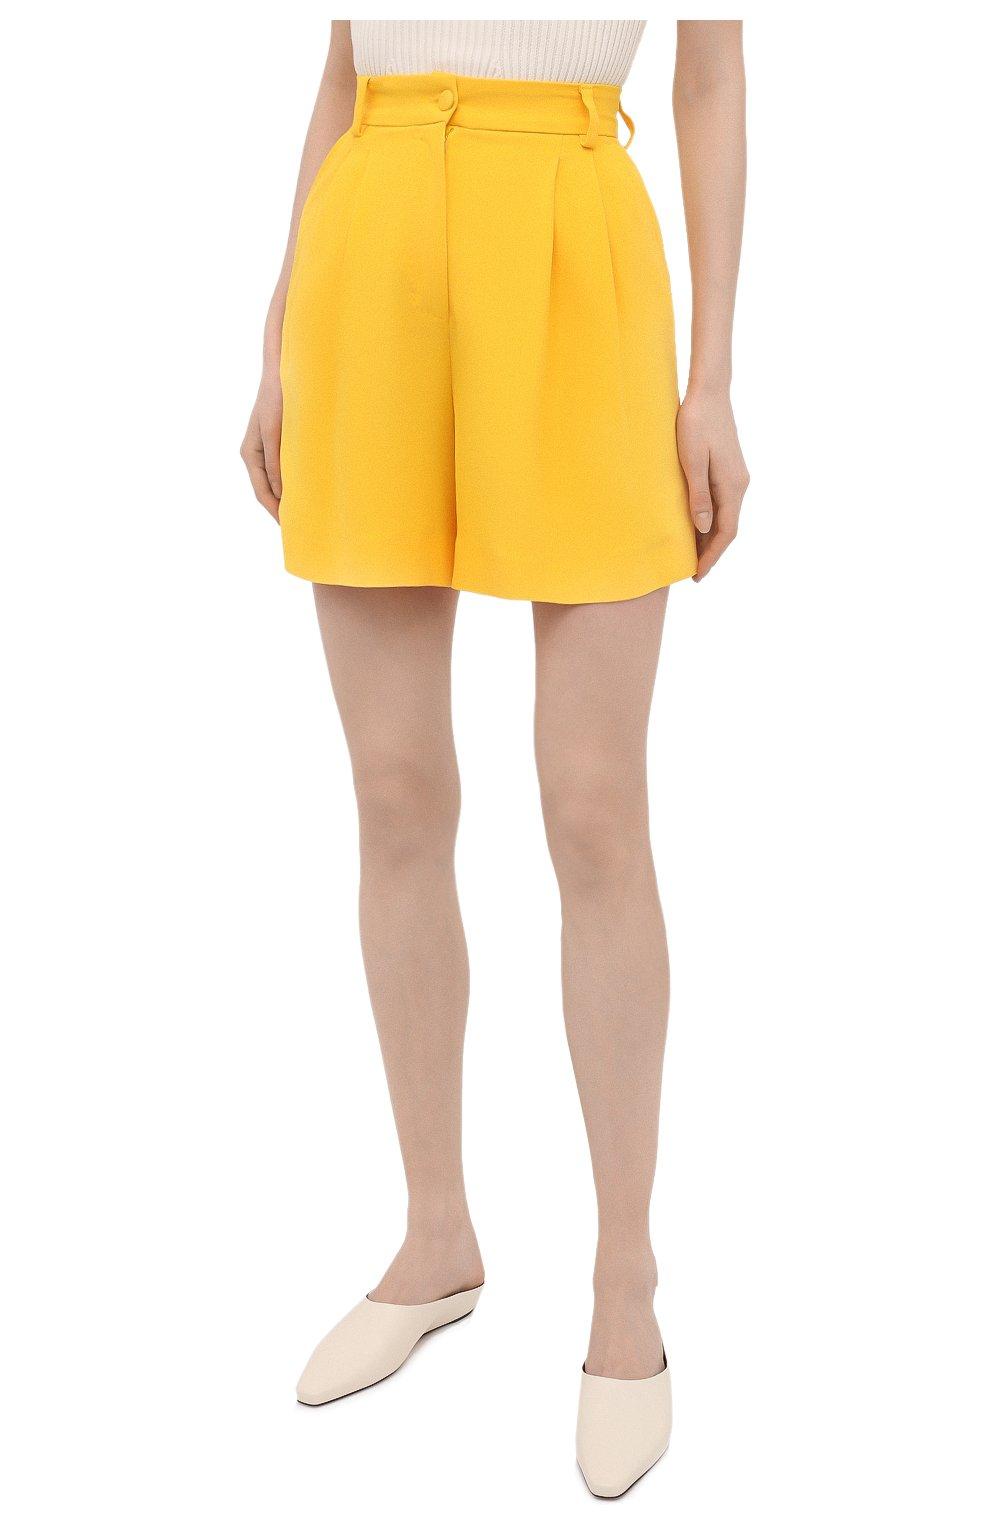 Женские шорты DOLCE & GABBANA желтого цвета, арт. FTB12T/FURDV | Фото 3 (Женское Кросс-КТ: Шорты-одежда; Стили: Гламурный; Длина Ж (юбки, платья, шорты): Мини; Материал внешний: Синтетический материал, Вискоза)